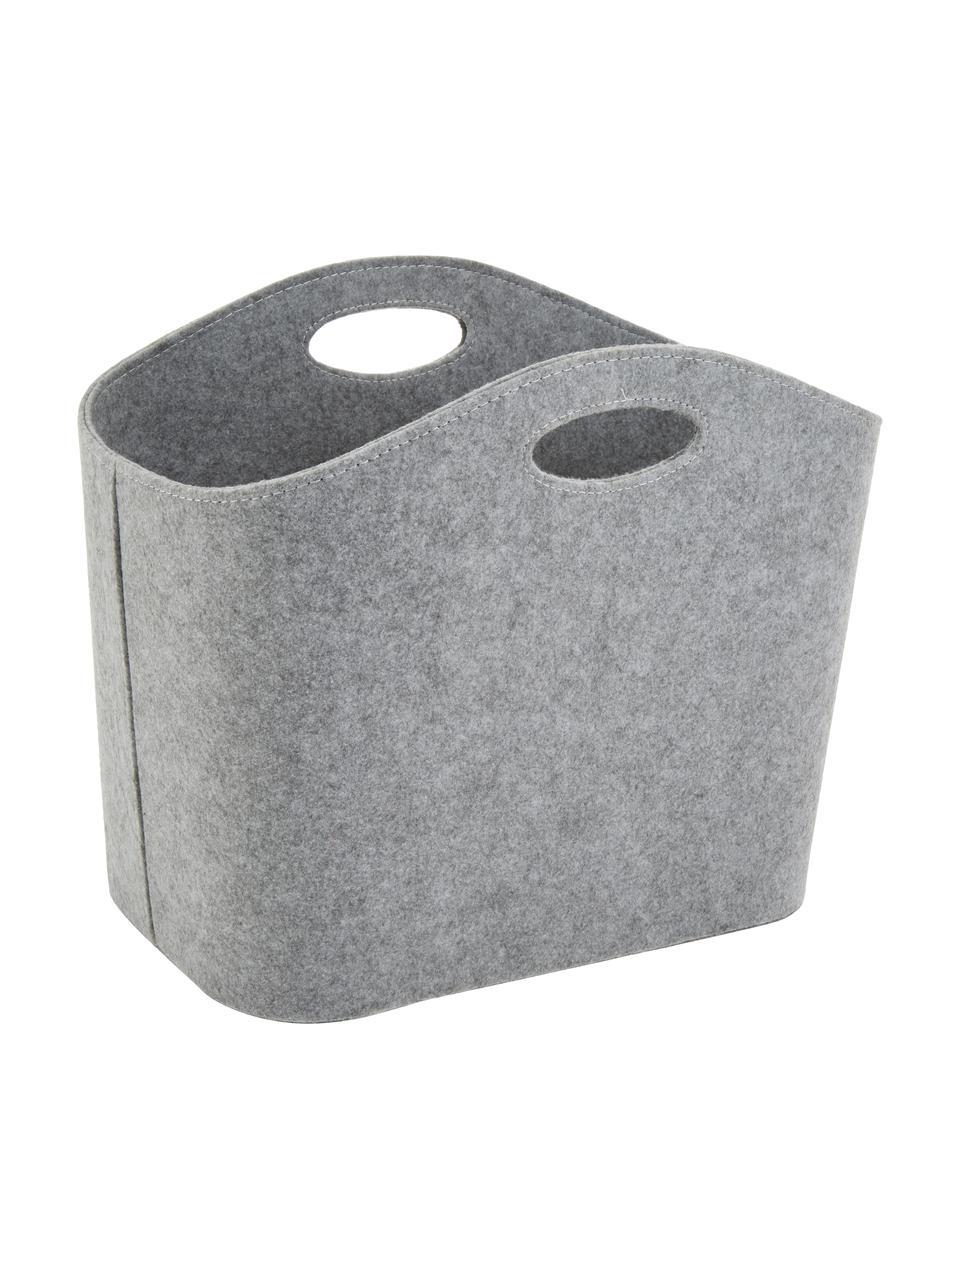 Cesto in feltro Mascha, Feltro in materiale sintetico riciclato, Grigio, Lung. 45 x Larg. 30 cm